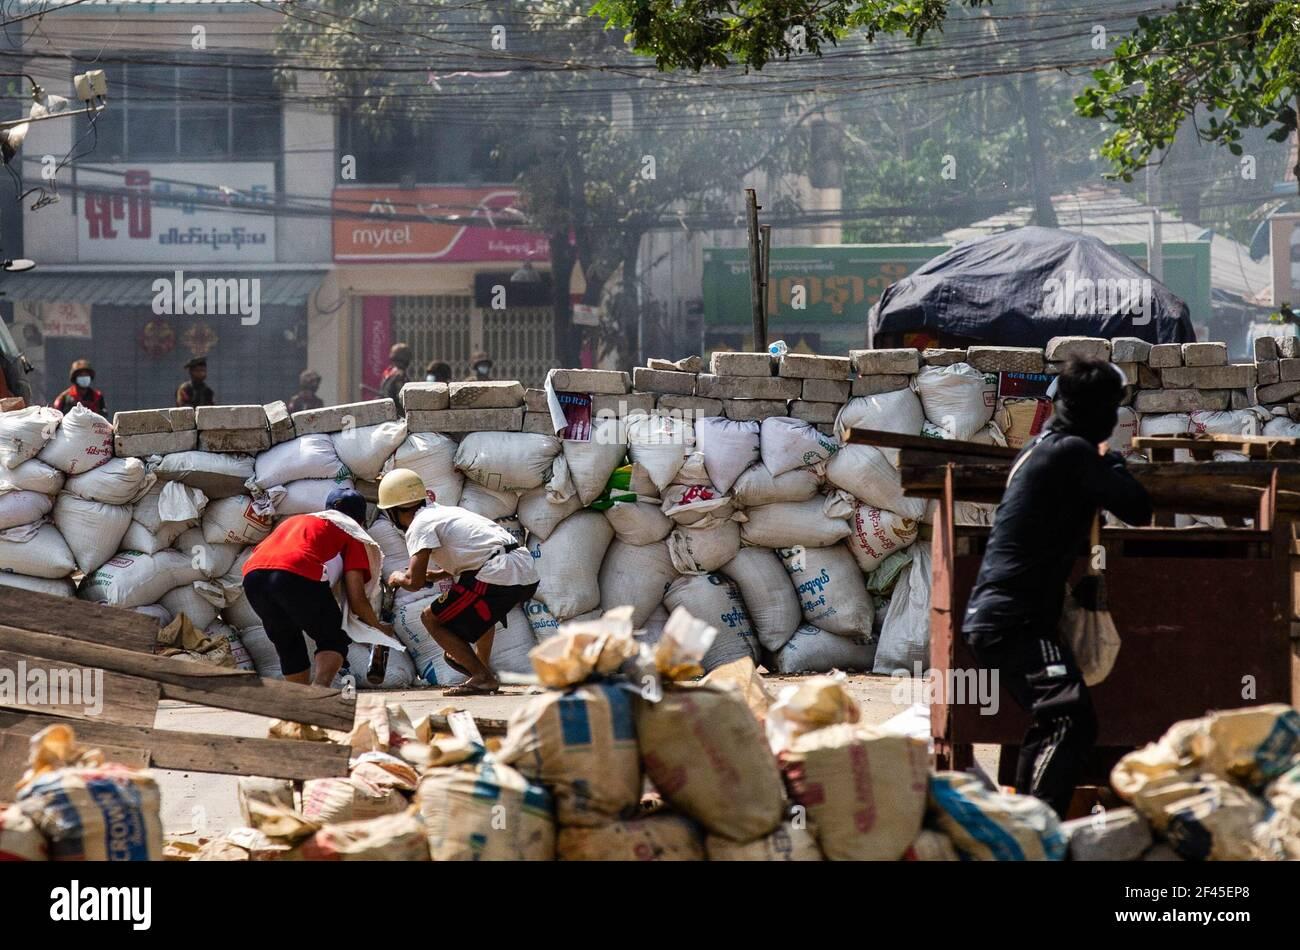 Les manifestants anti-coup d'Etat militaire se cachent derrière une barricade improvisée tout en tenant des cocktails molotov lors d'une manifestation contre le coup d'Etat militaire. La police et les militaires du Myanmar (tatmadow) ont attaqué les manifestants avec des balles en caoutchouc, des munitions réelles, des gaz lacrymogènes et des bombes lacrymogènes en réponse aux manifestants anti-coup d'État militaire de vendredi, tuant plusieurs manifestants et en blessant beaucoup d'autres. Au moins 149 personnes ont été tuées au Myanmar depuis le coup d'État du 1er février, a déclaré un responsable des droits de l'homme de l'ONU. L'armée du Myanmar a détenu le conseiller d'État du Myanmar Aung San Suu Kyi le 01 février 2021 et Banque D'Images